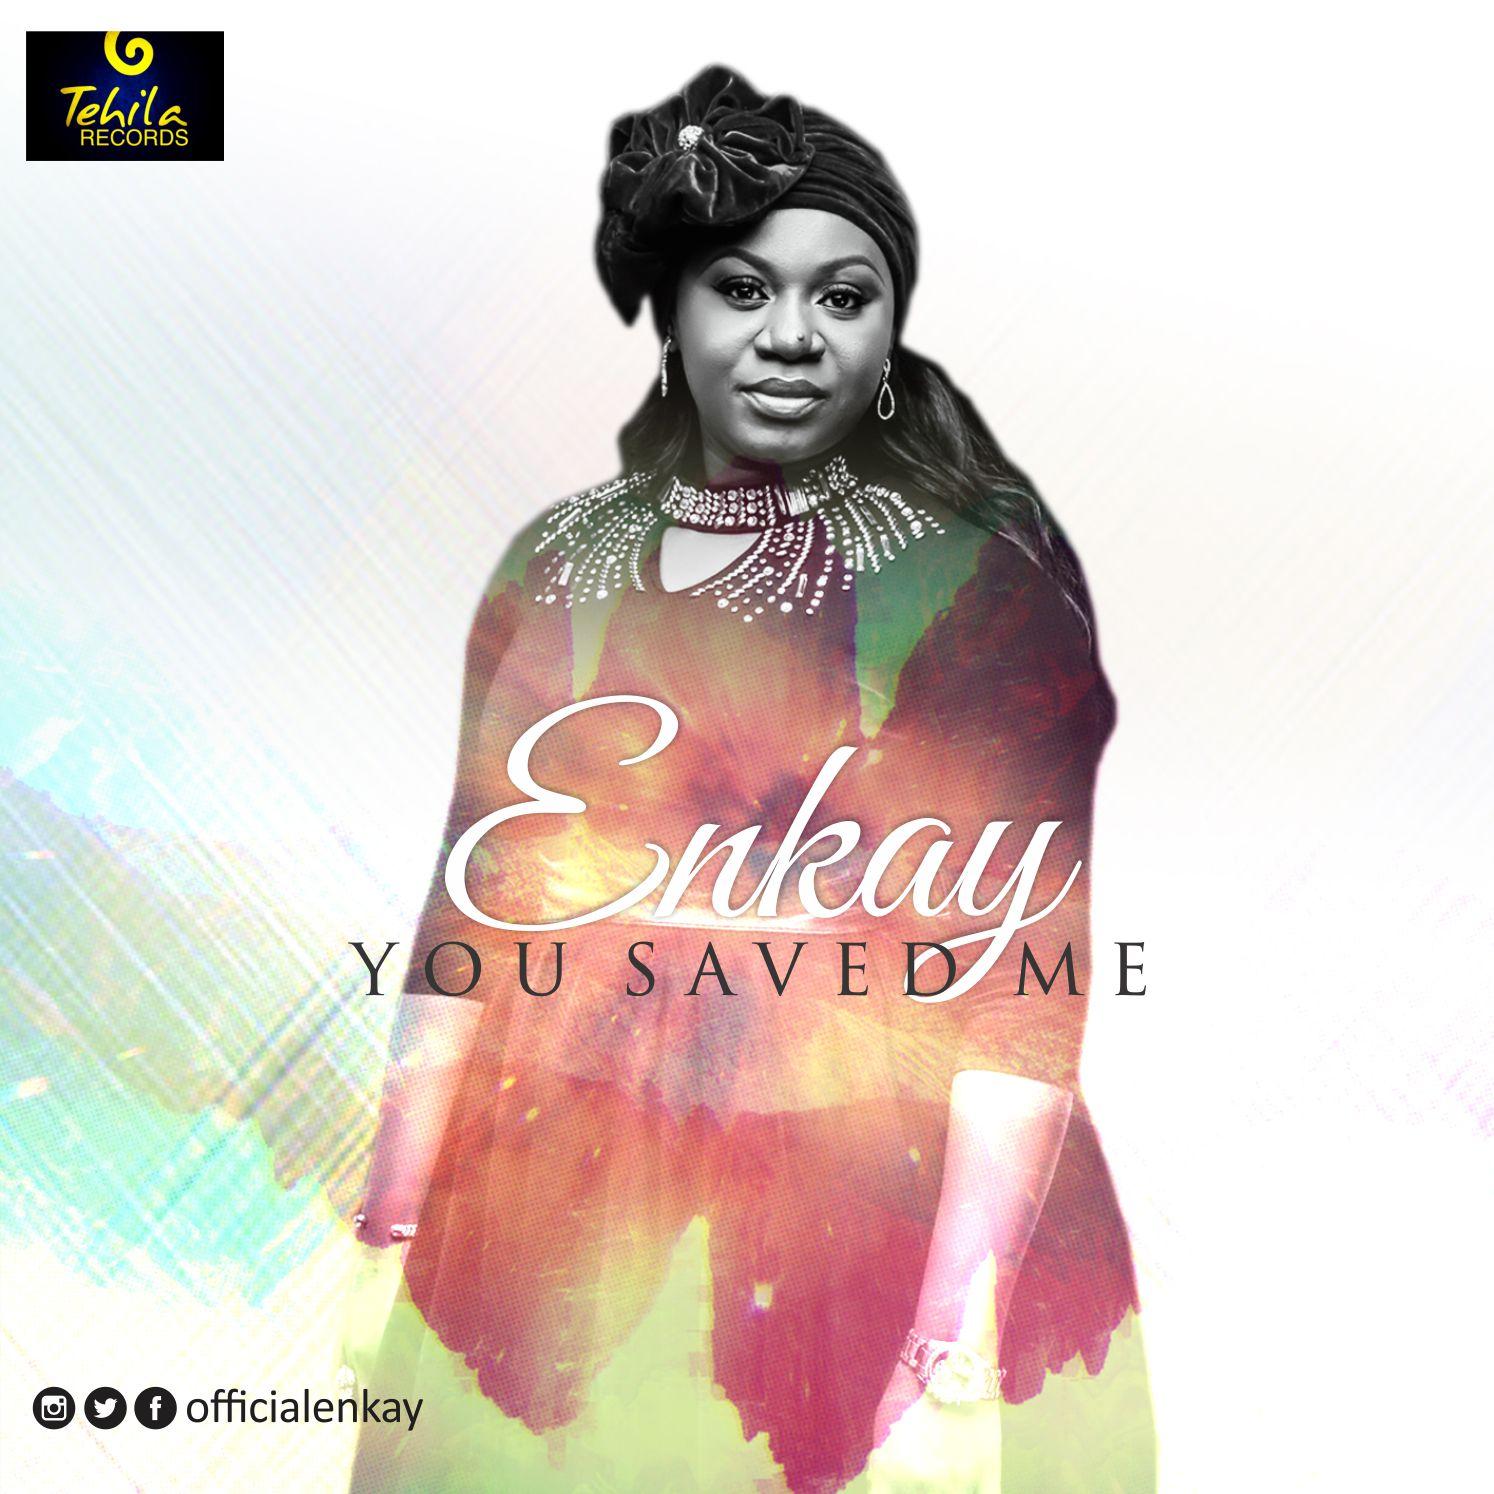 Enkay - You Saved Me